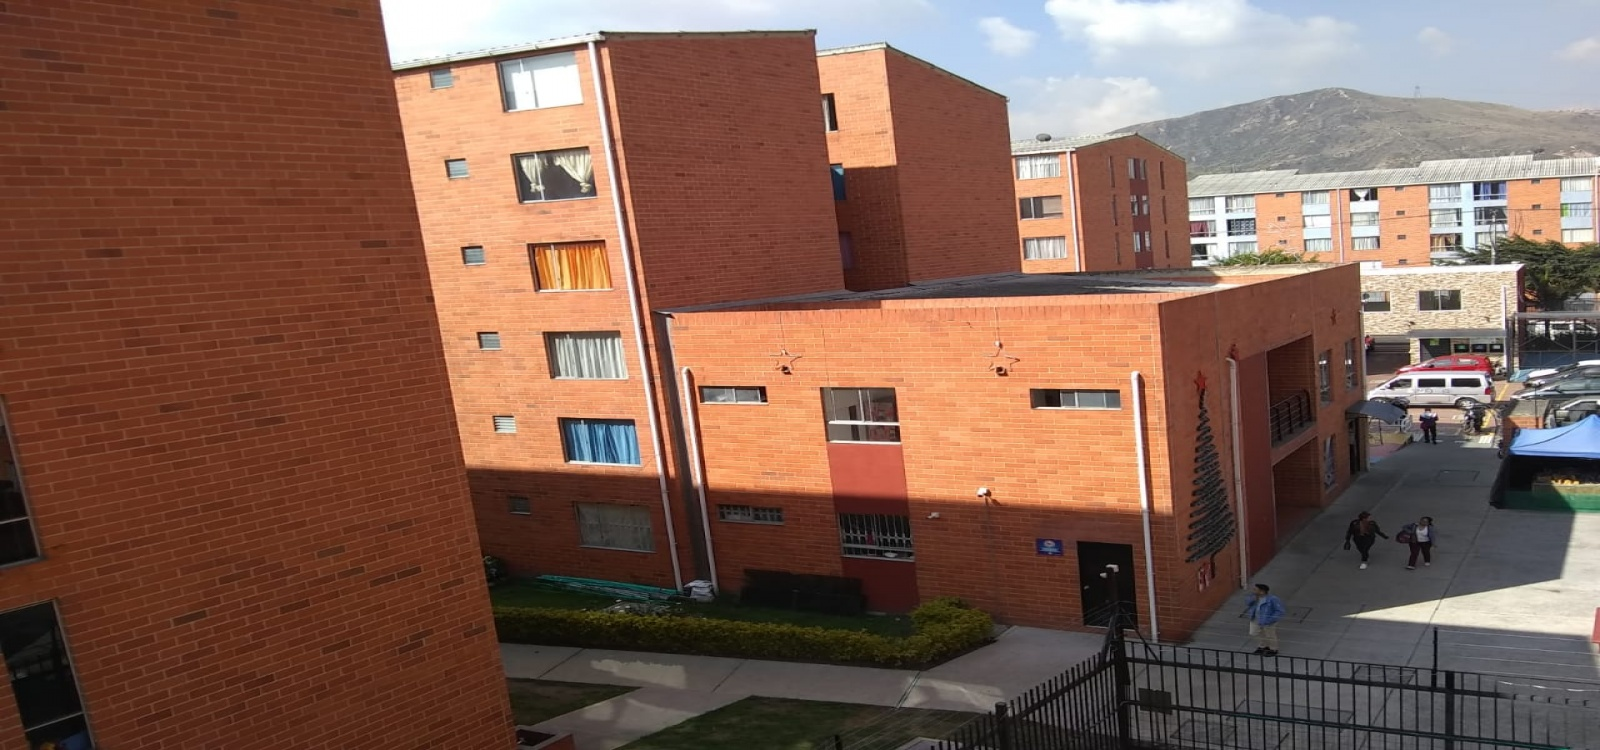 67 A 66 SUR 11, Bogotá, Sur, Quintas Del Portal De Usme, 3 Habitaciones Habitaciones,2 BathroomsBathrooms,Apartamentos,Arriendo,11,2330